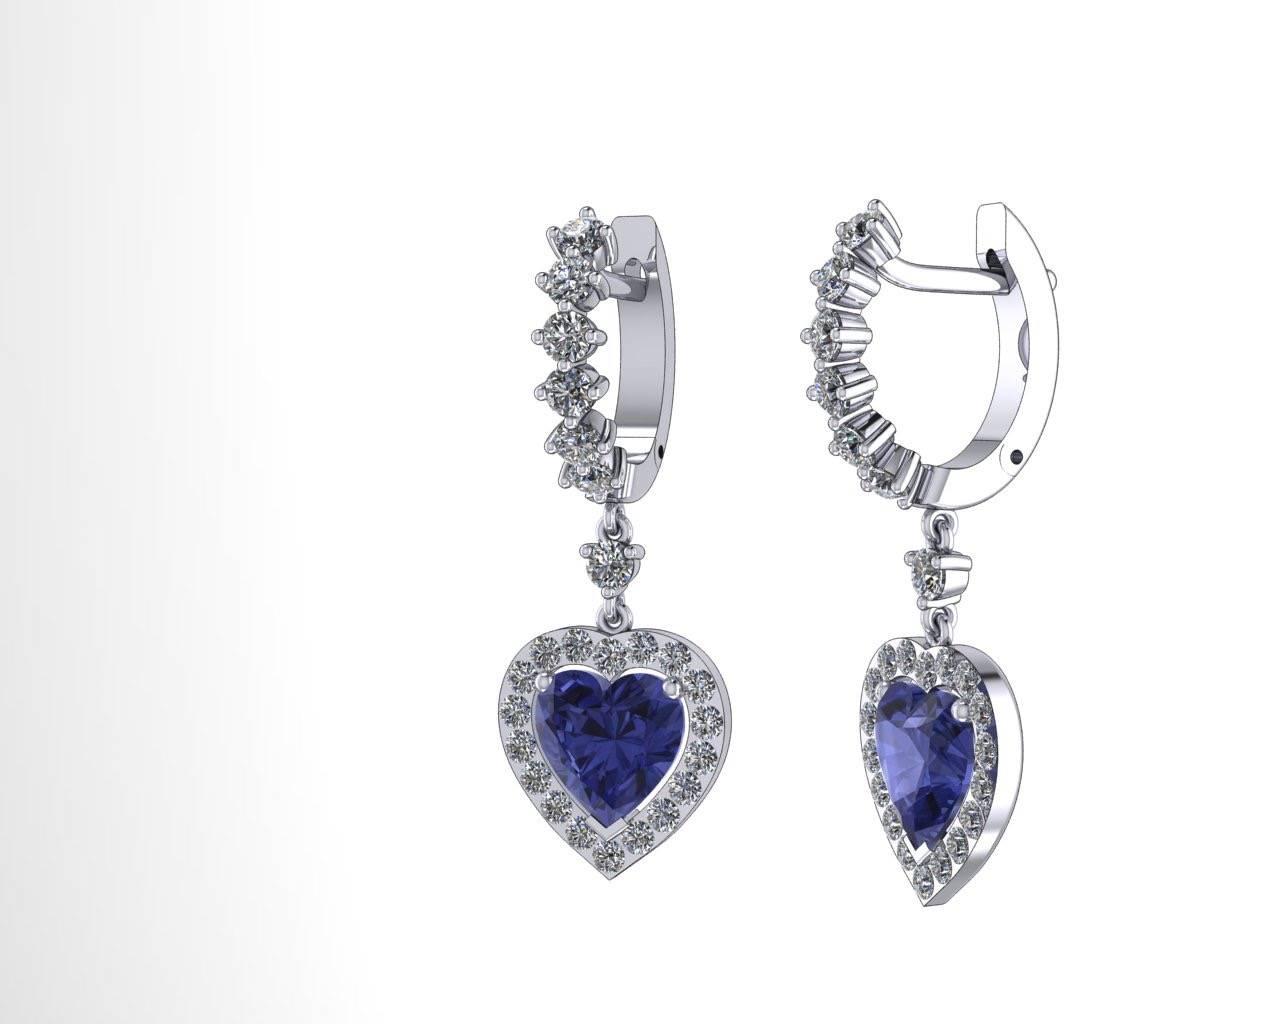 Aayraa jewels - Juwelen - House of Weddings - 19